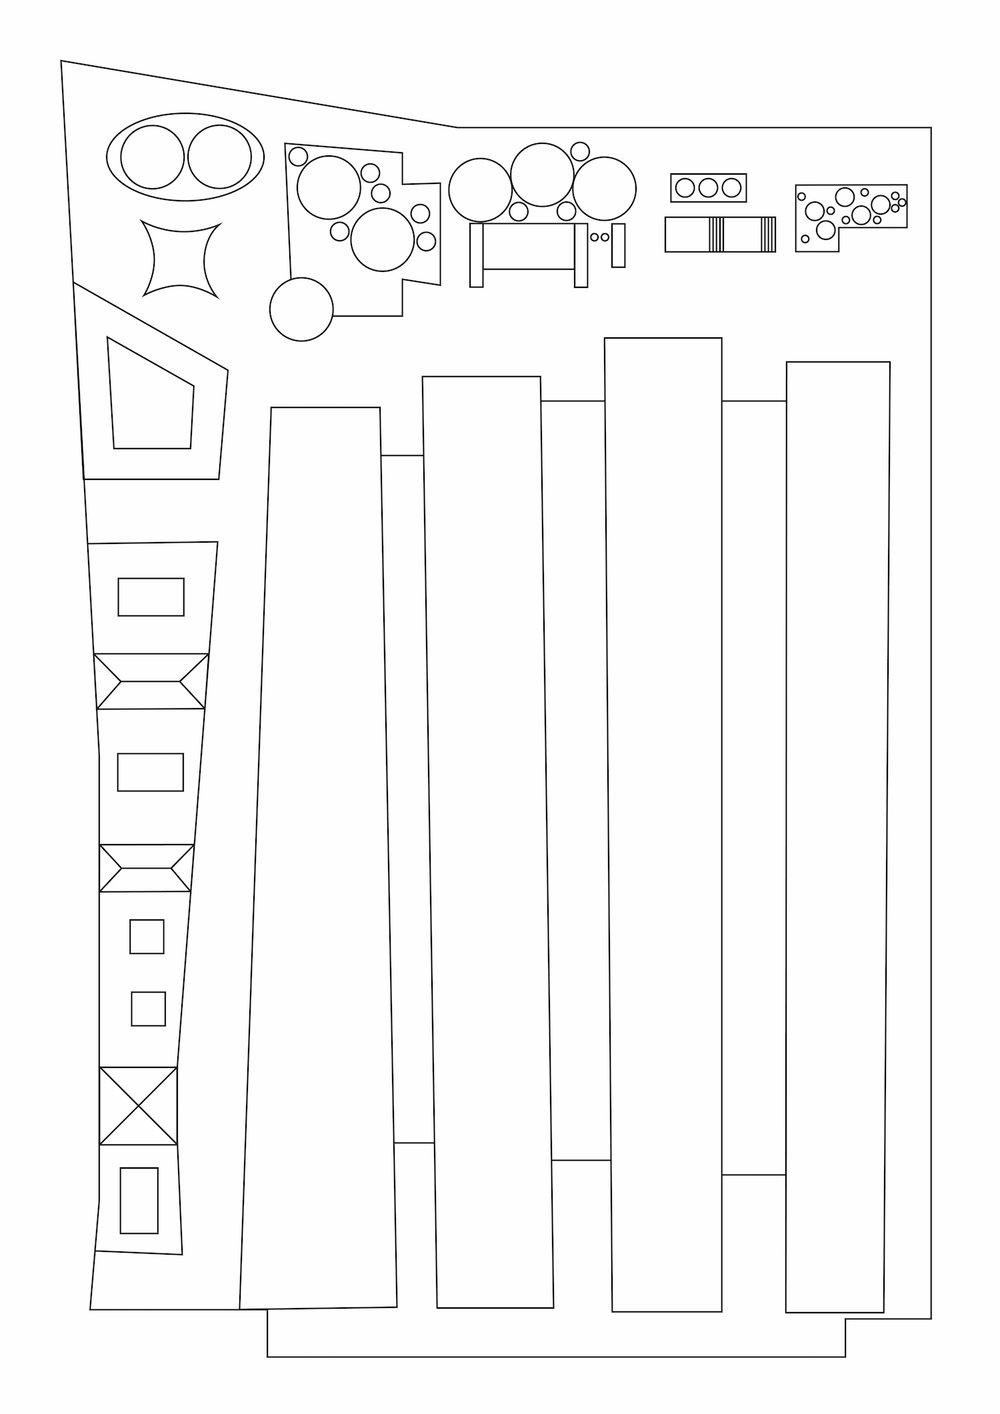 41_Zeichenfläche 1.jpg